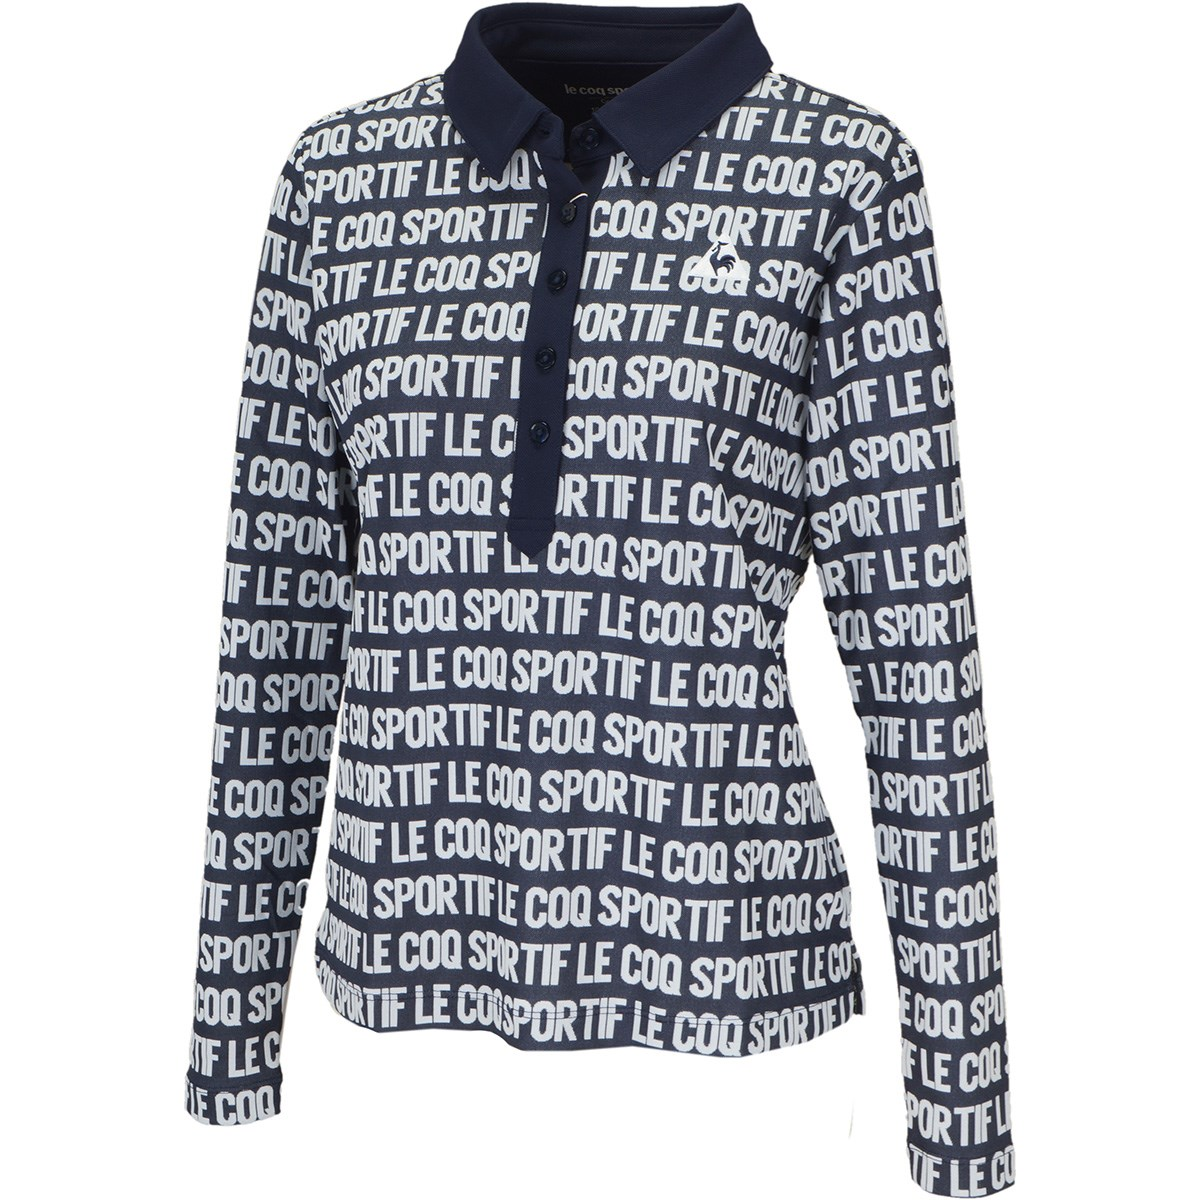 ルコックゴルフ Le coq sportif GOLF ロゴジャカード長袖ポロシャツ S ネイビー 00 レディス